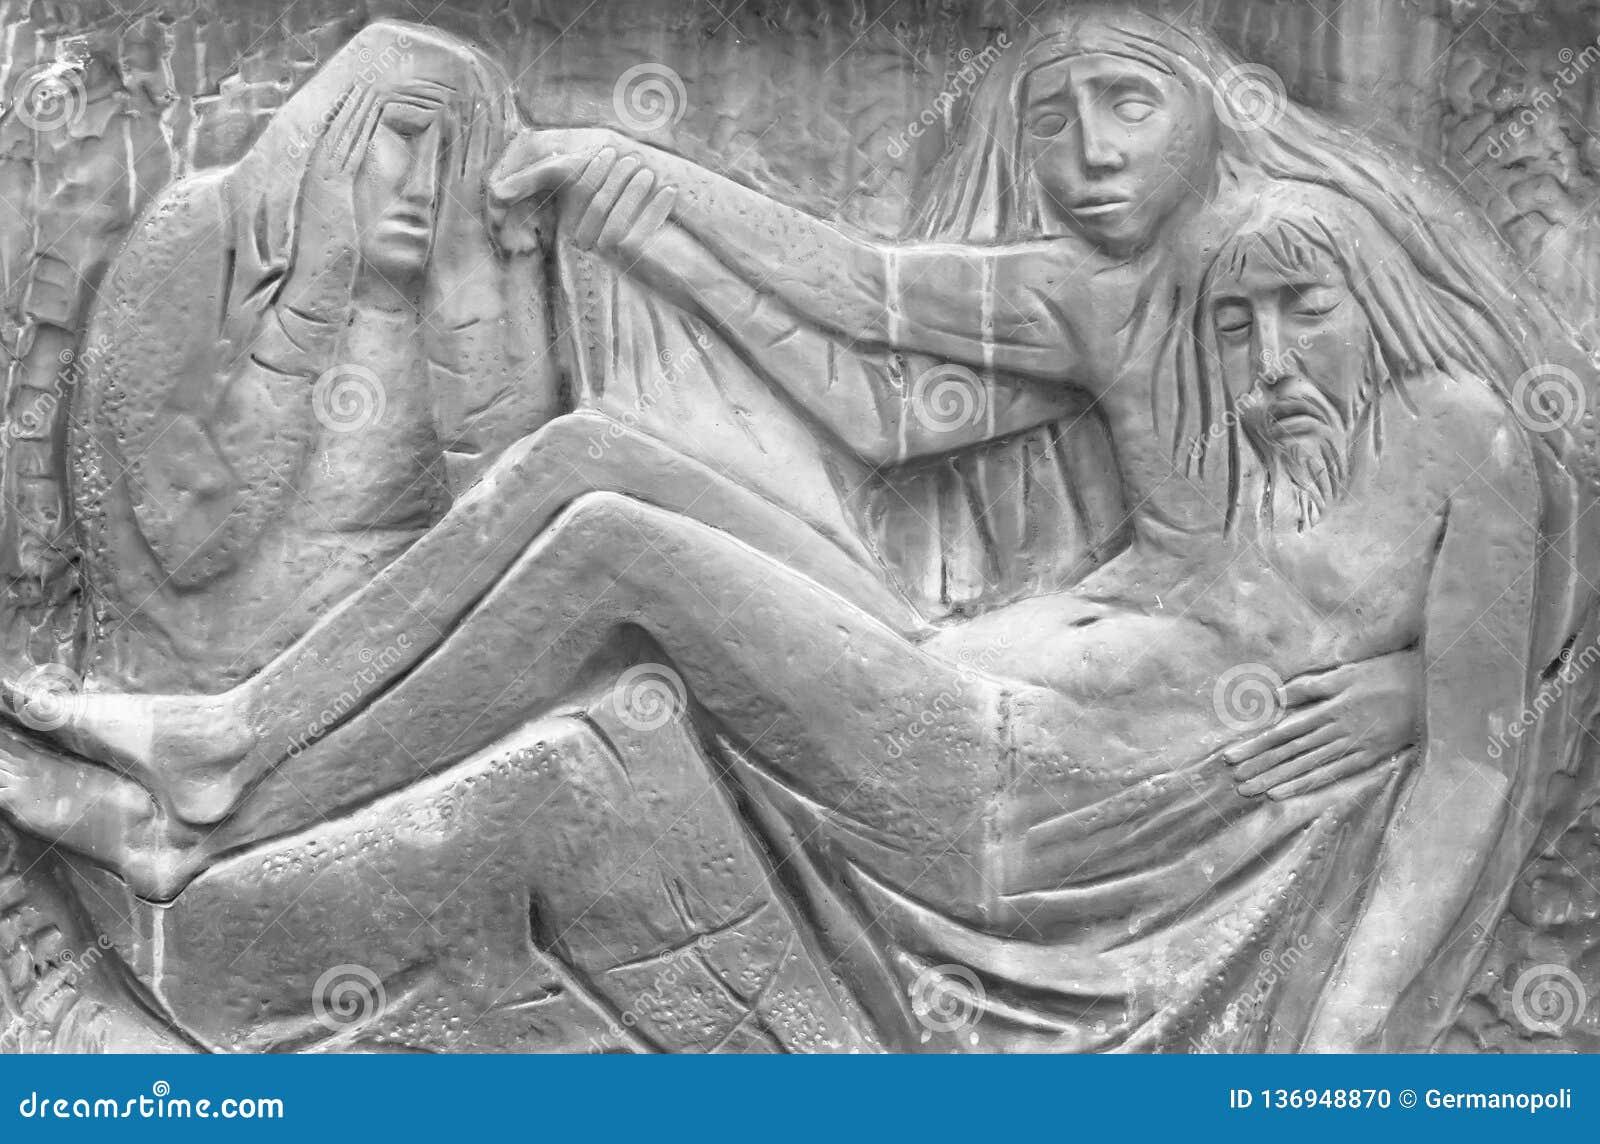 Flachrelief, welches das Mitleid von Michelangelo darstellt